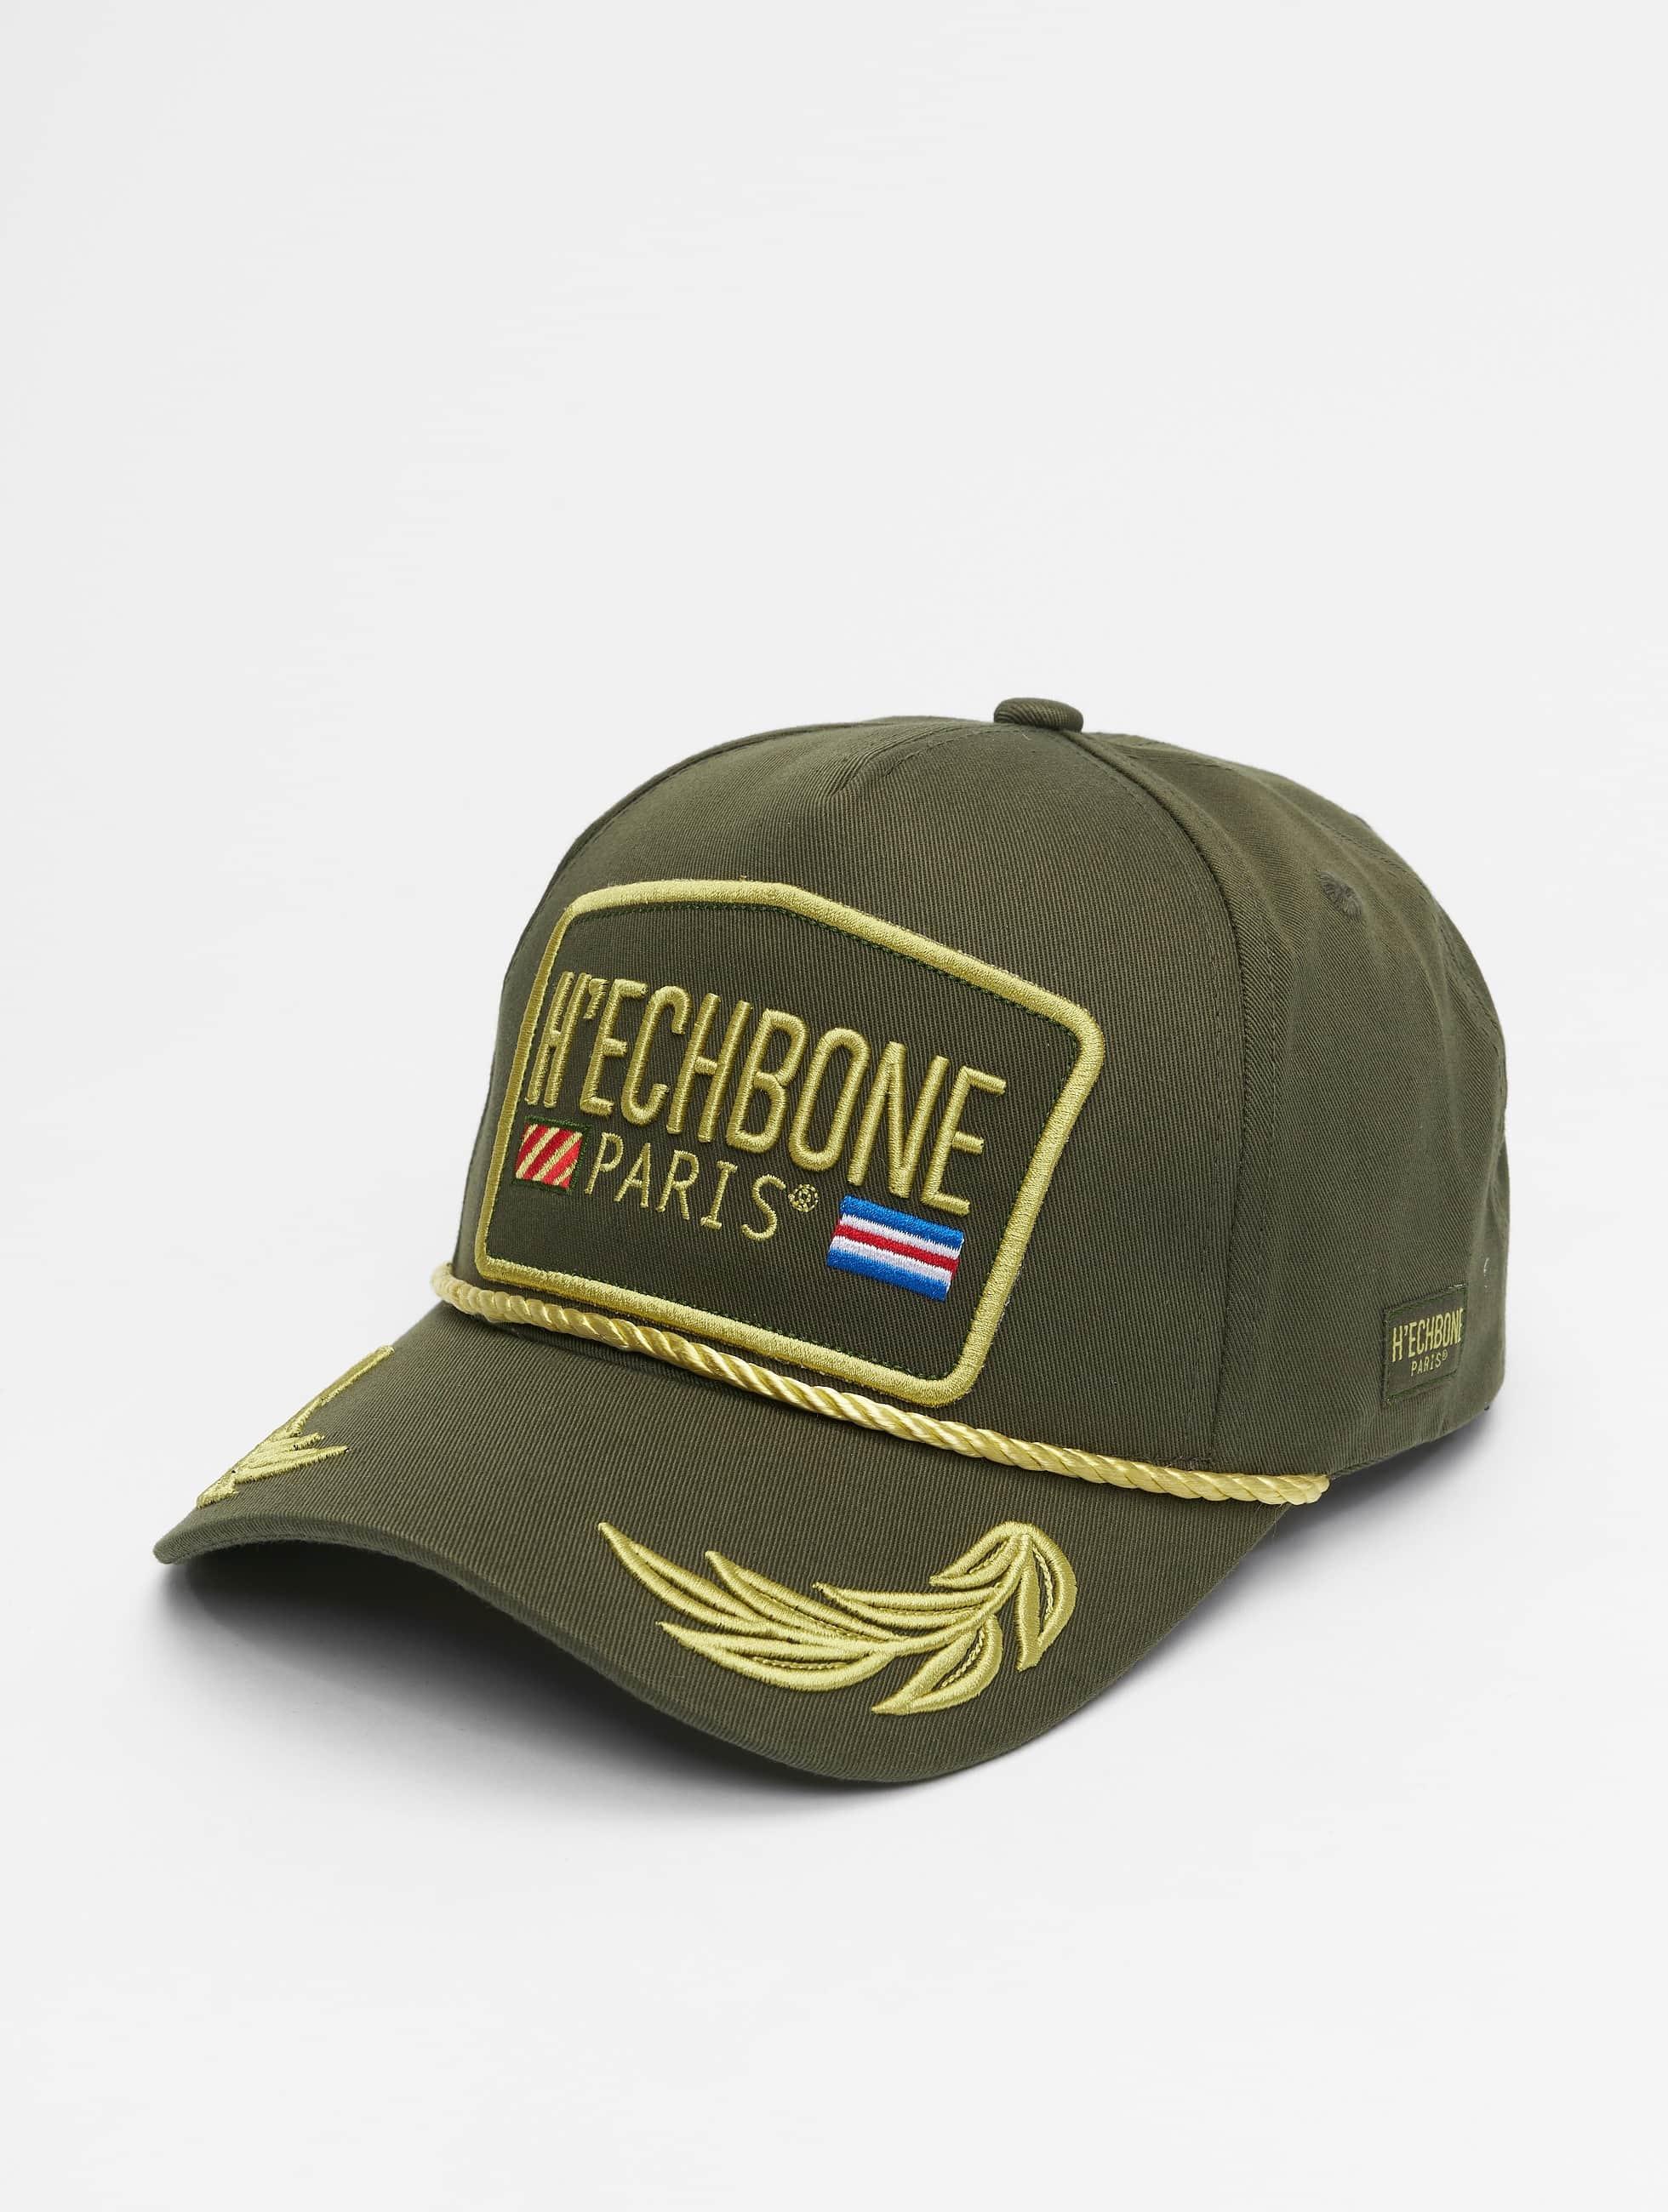 Hechbone | Trucker olive Homme,Femme Casquette Trucker mesh